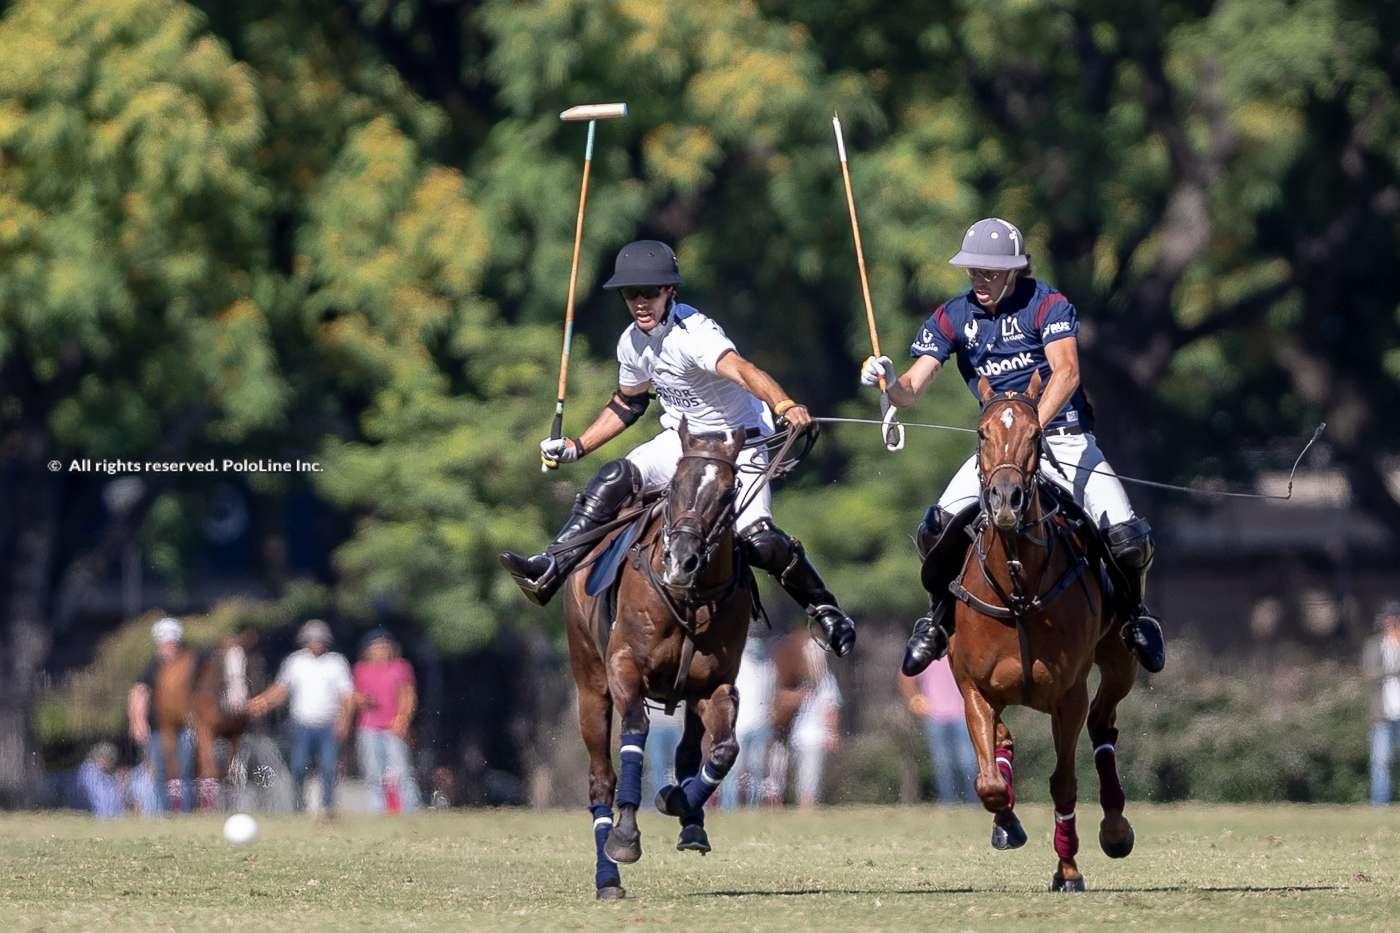 La Dolfina Polo Ranch vs. La Ensenada La Aguada